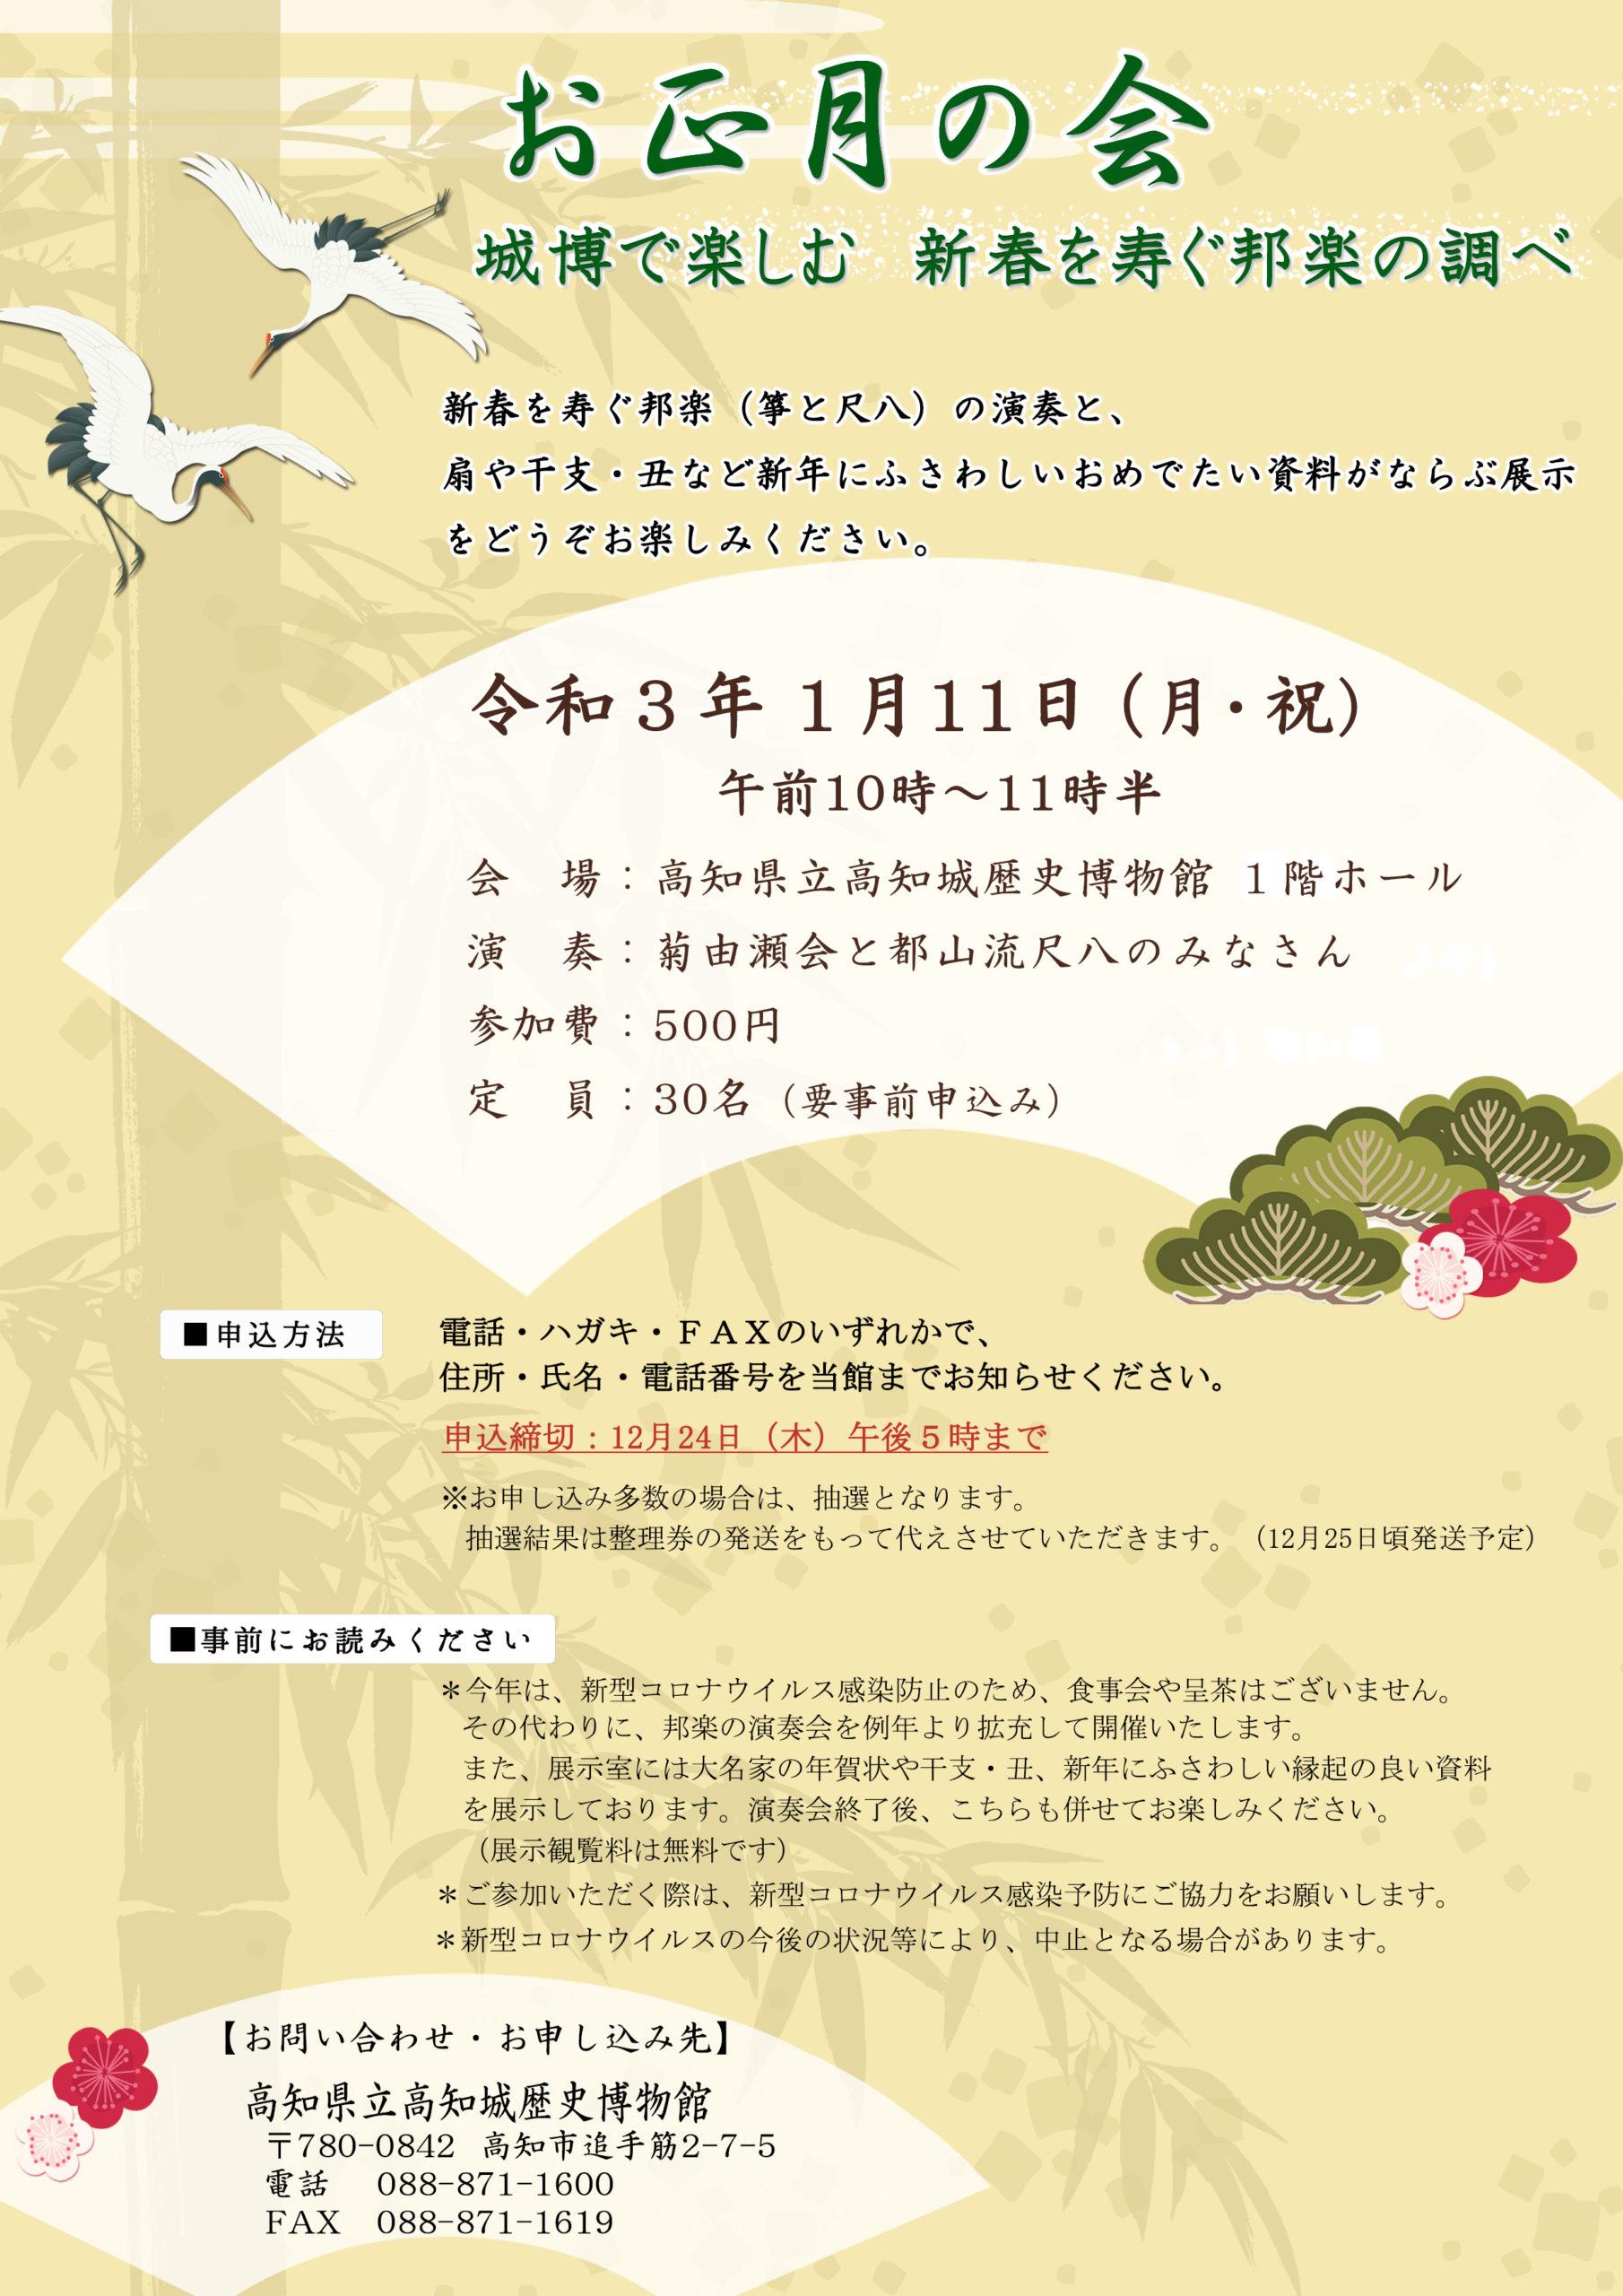 【開催中止】お正月の会 城博で楽しむ 新春を寿ぐ邦楽の調べ